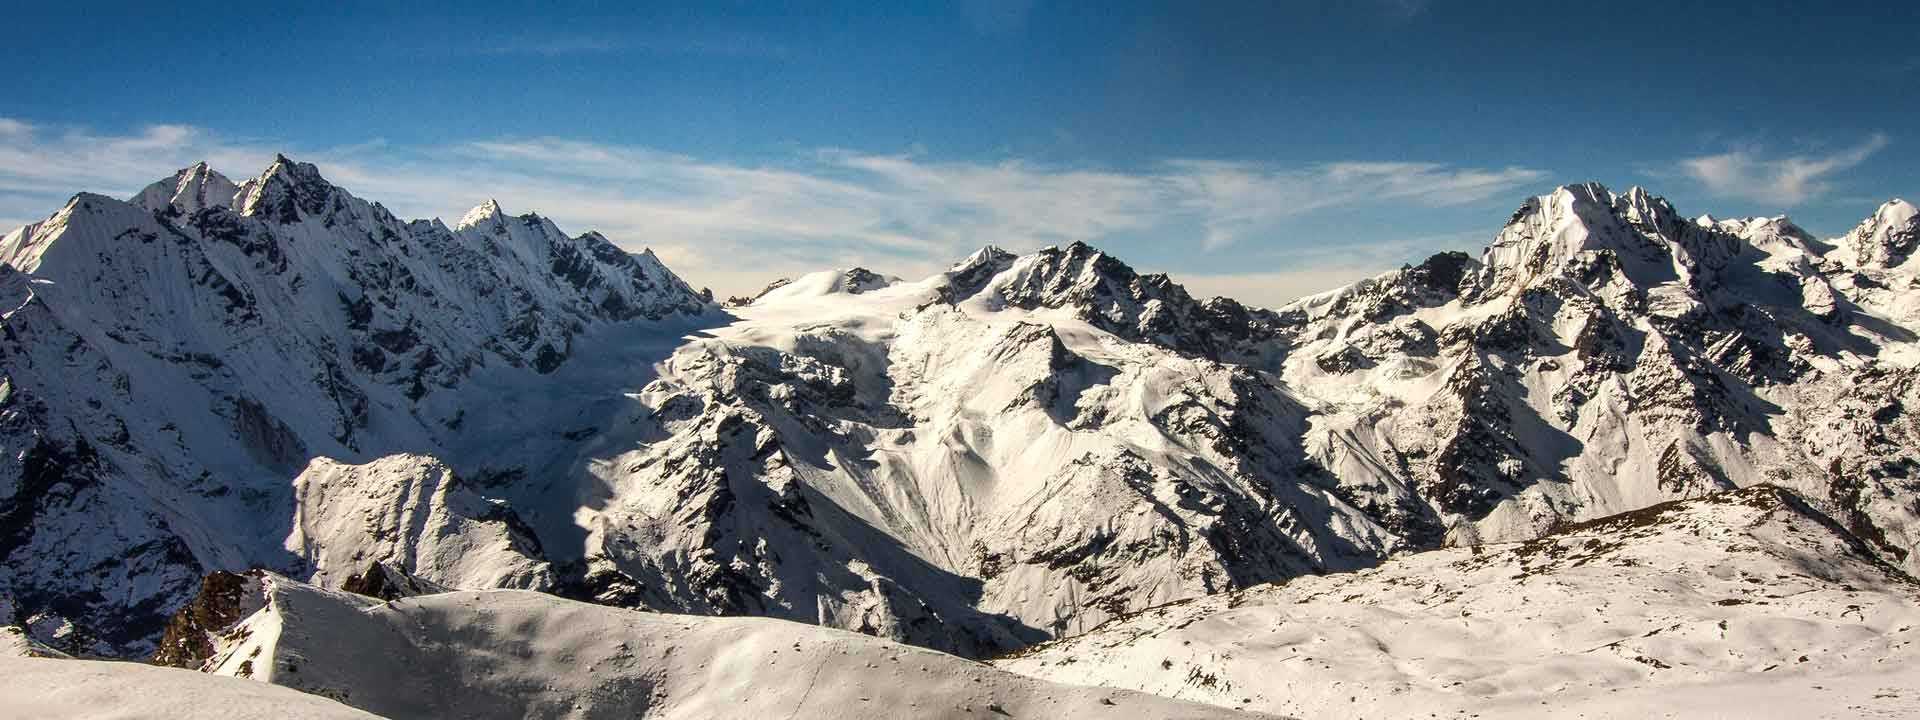 Yala Peak 5520